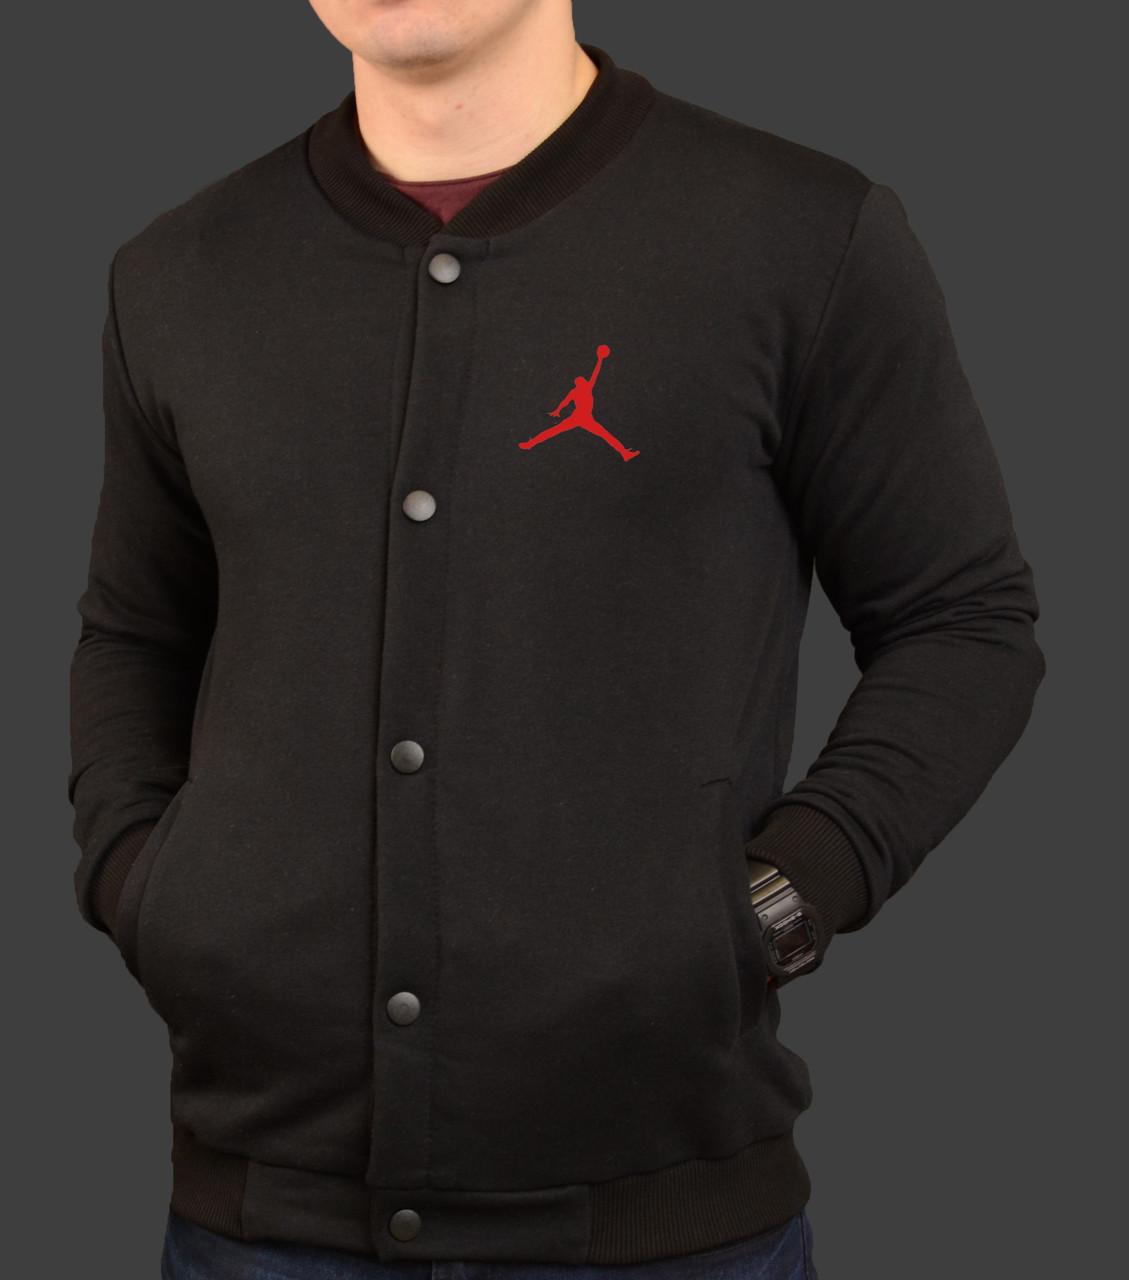 Бомбер мужской черный трикотажный кофта спортивная S M L XL Jordan ... 7f081409259